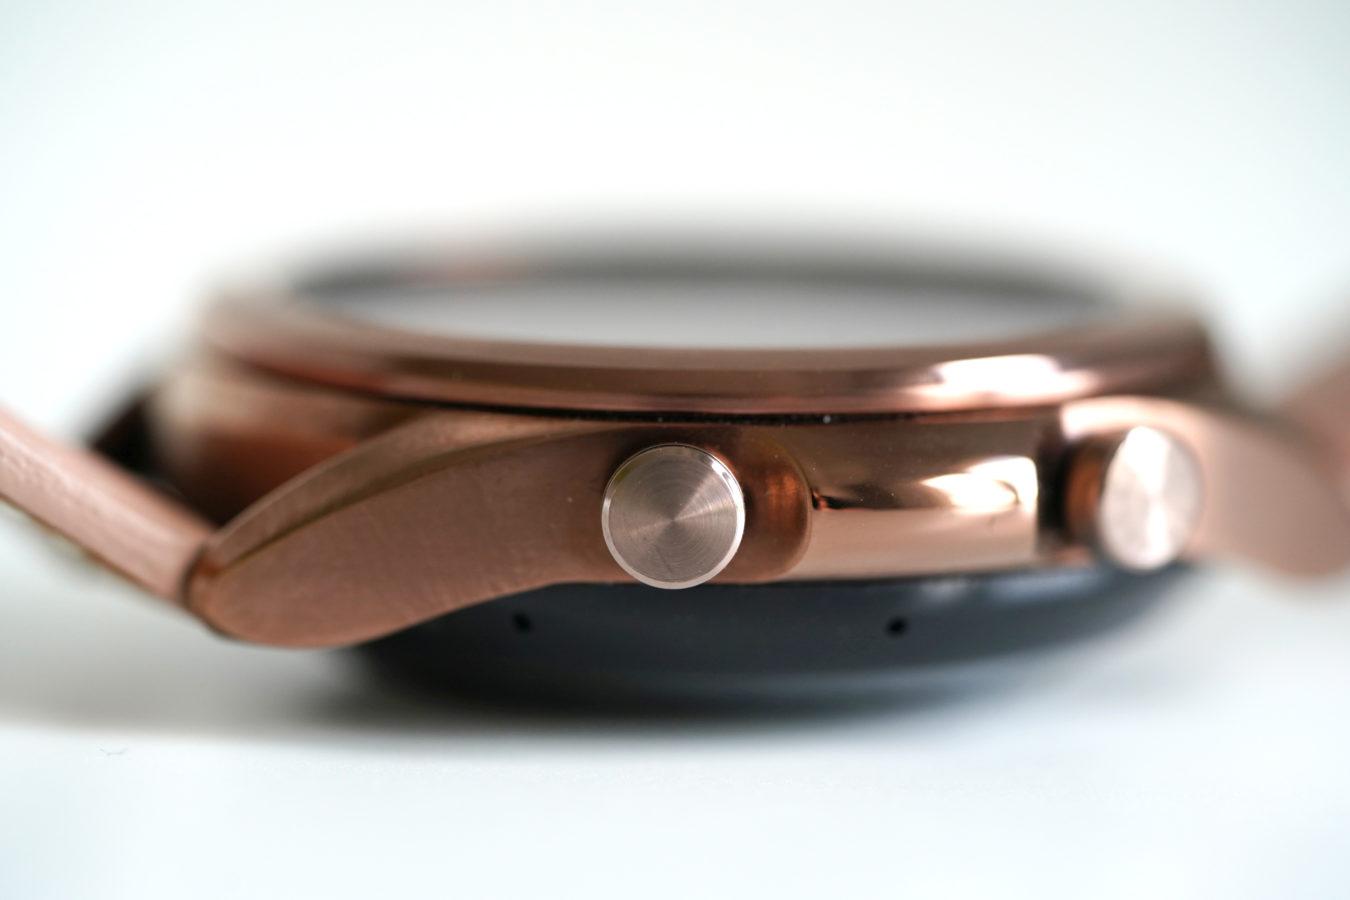 Chciałabym, żeby działał dłużej - taki jest fajny. Recenzja Samsung Galaxy Watch 3 30 samsung galaxy watch 3